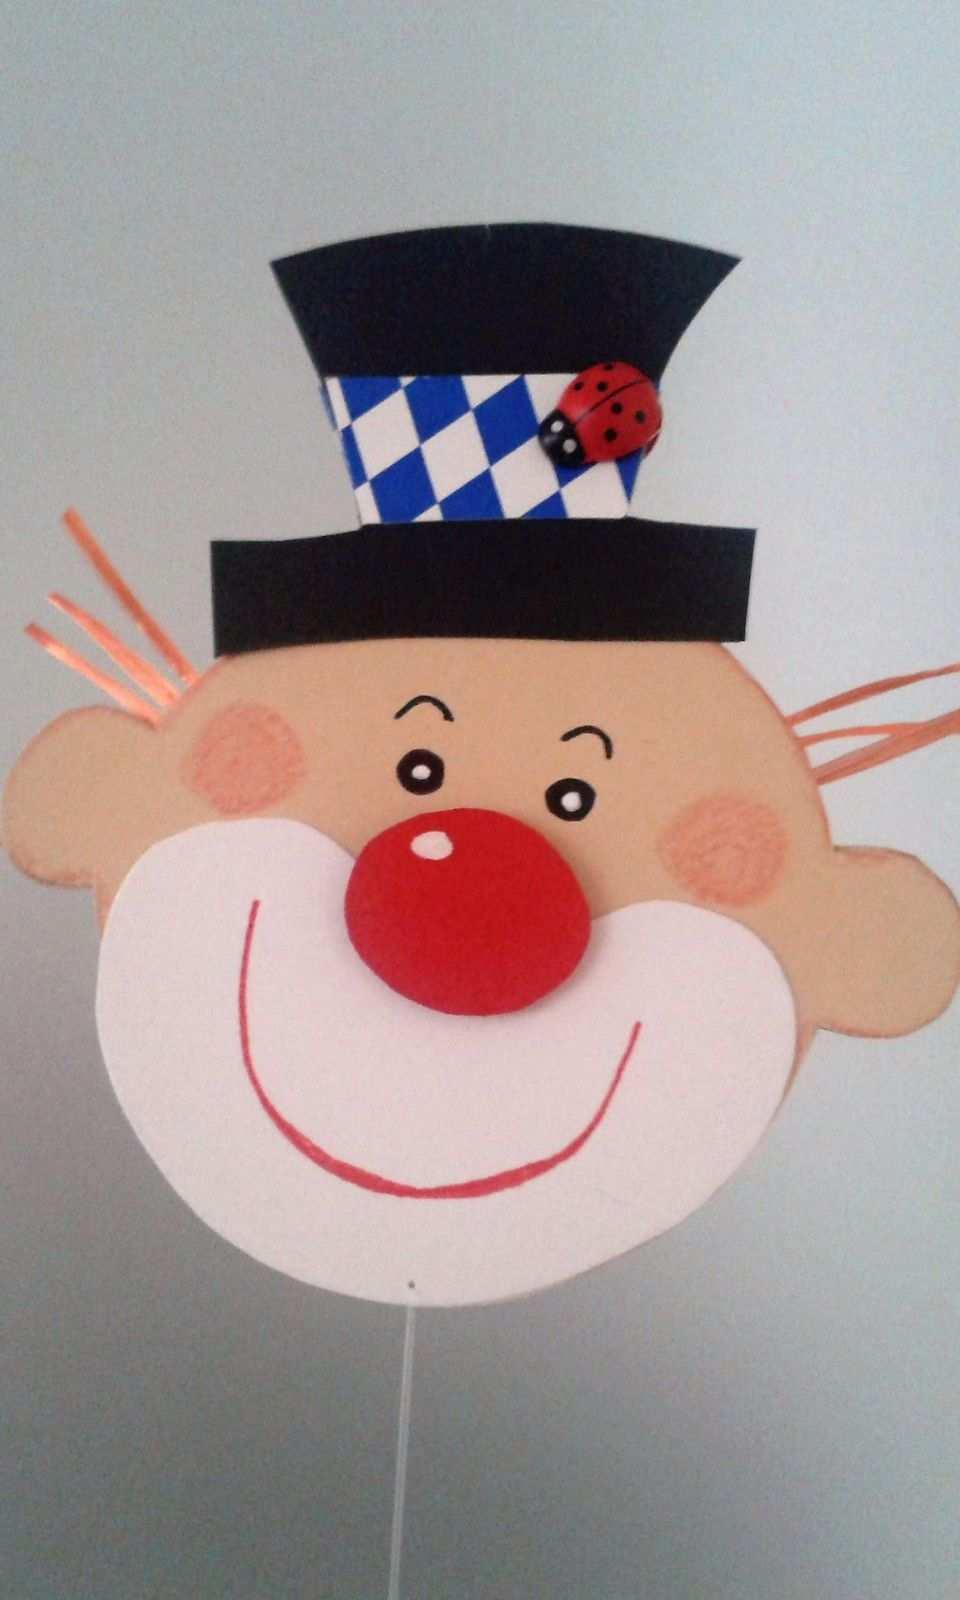 Fensterbild Clown Kette Fasching Karneval Dekoration Tonkarton Fasching Im Kindergarten Einladungskarten Kindergeburtstag Basteln Karneval Basteln Kindern